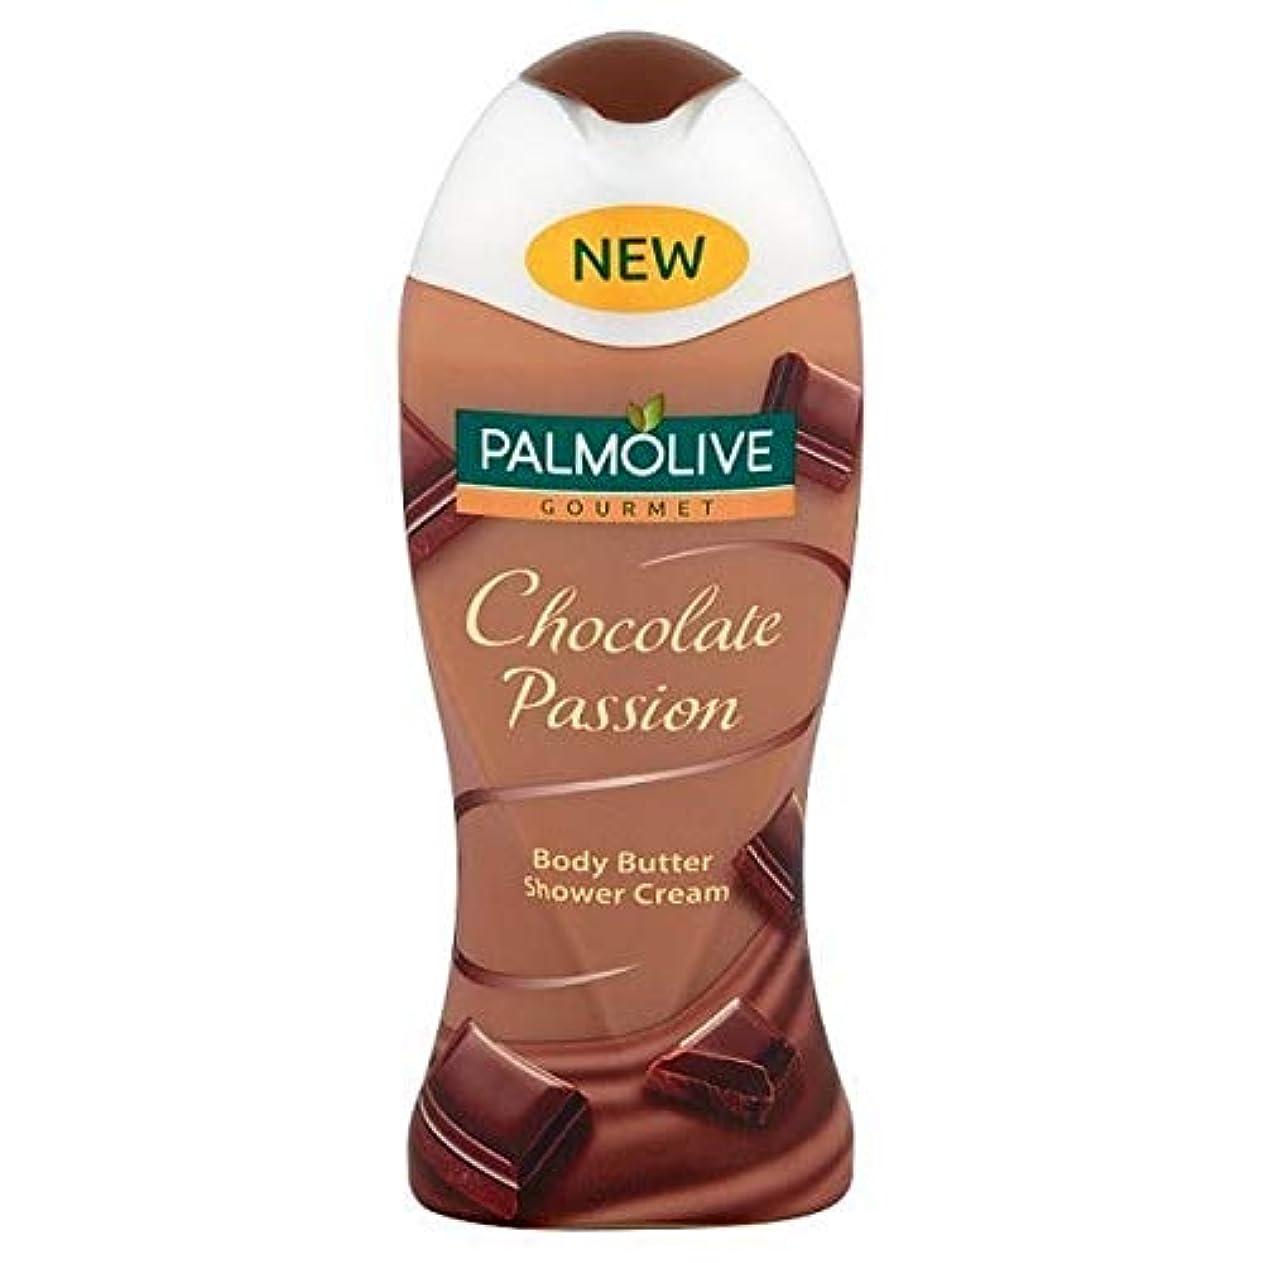 クッション懺悔名義で[Palmolive ] パルモグルメチョコレートパッションシャワージェル250ミリリットル - Palmolive Gourmet Chocolate Passion Shower Gel 250ml [並行輸入品]